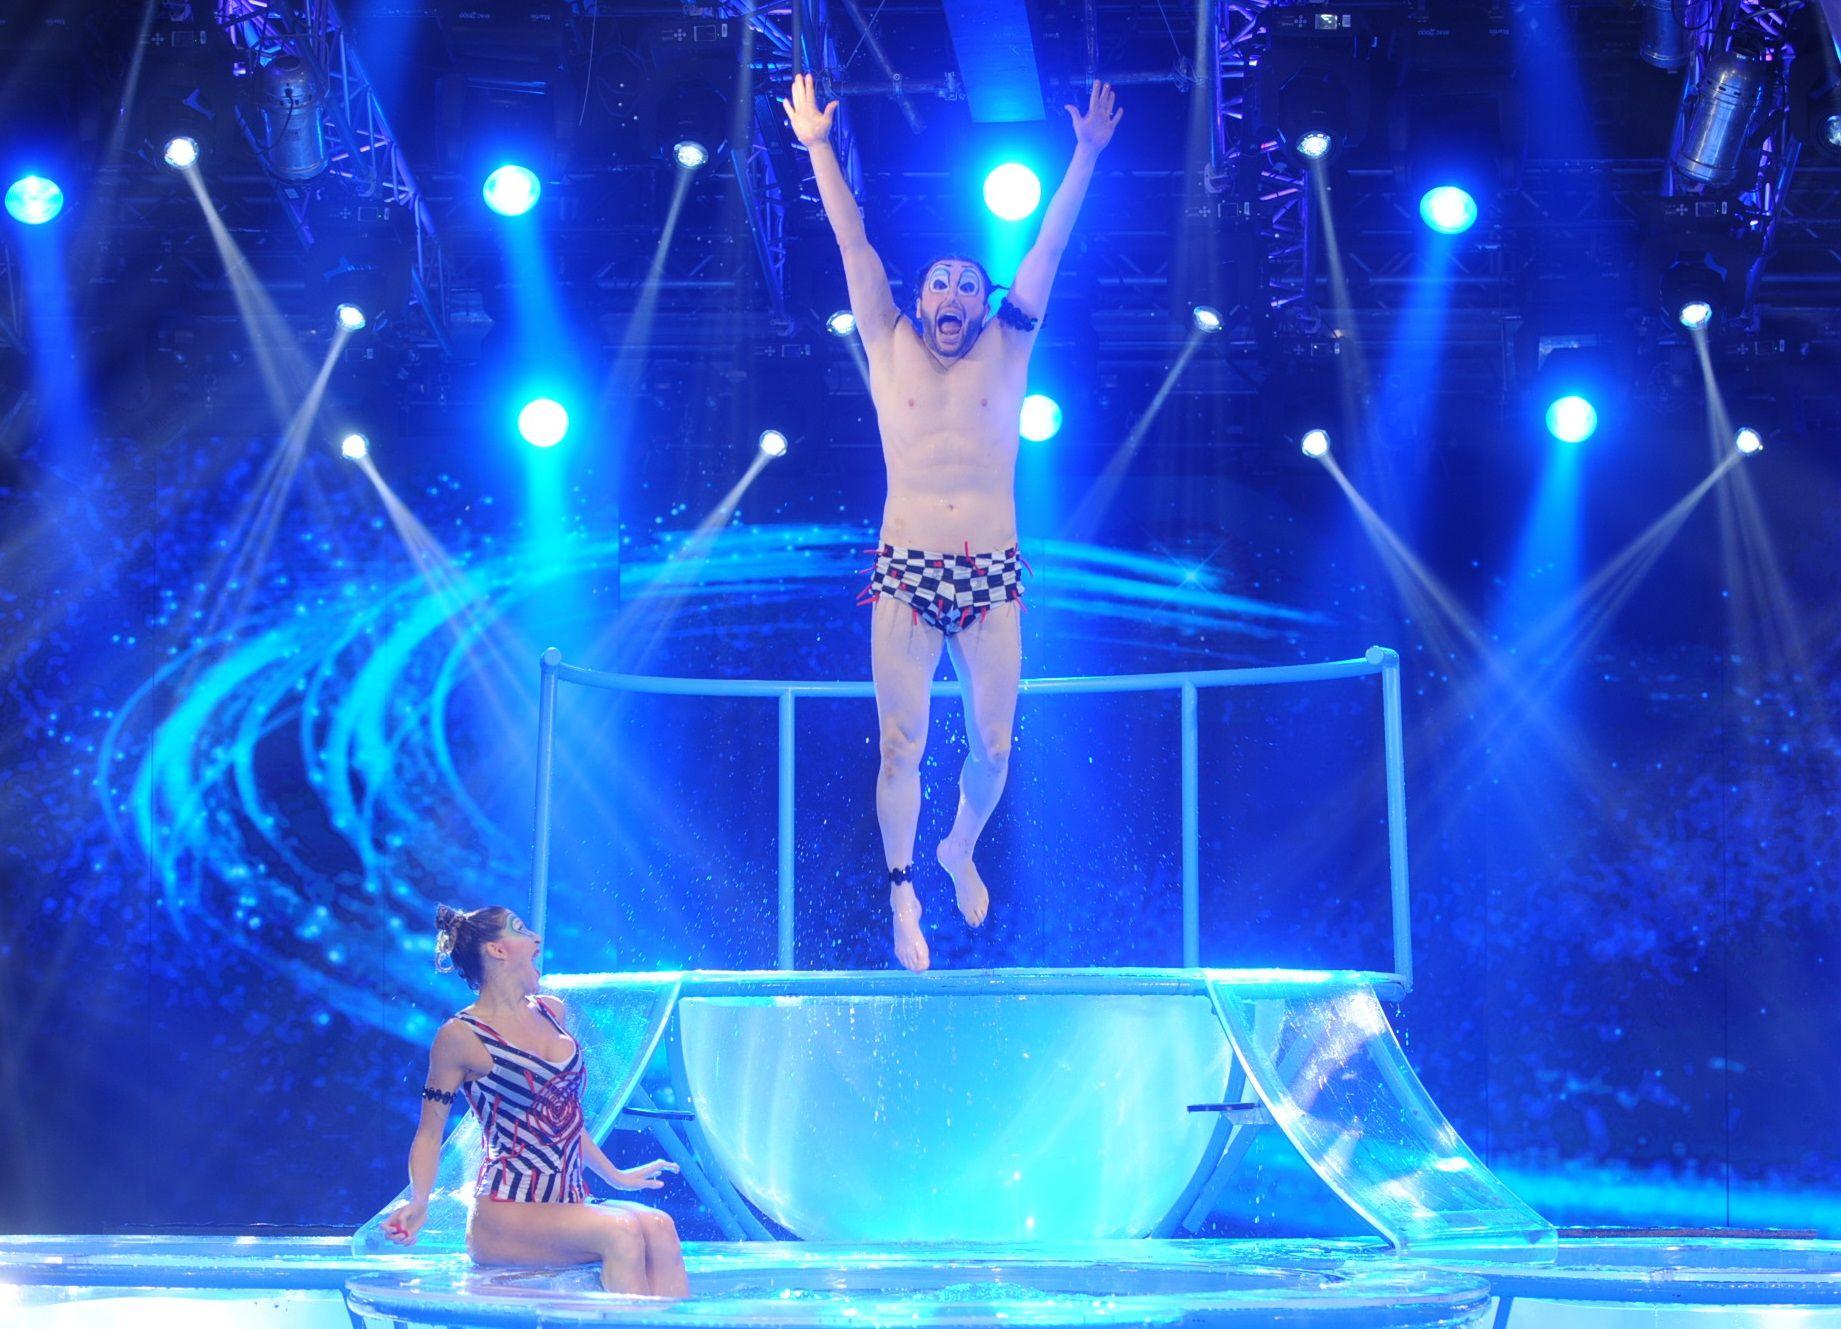 Ergun Demir se la jugó en el Aquadance pero sumó puntos por su acting al estilo clown